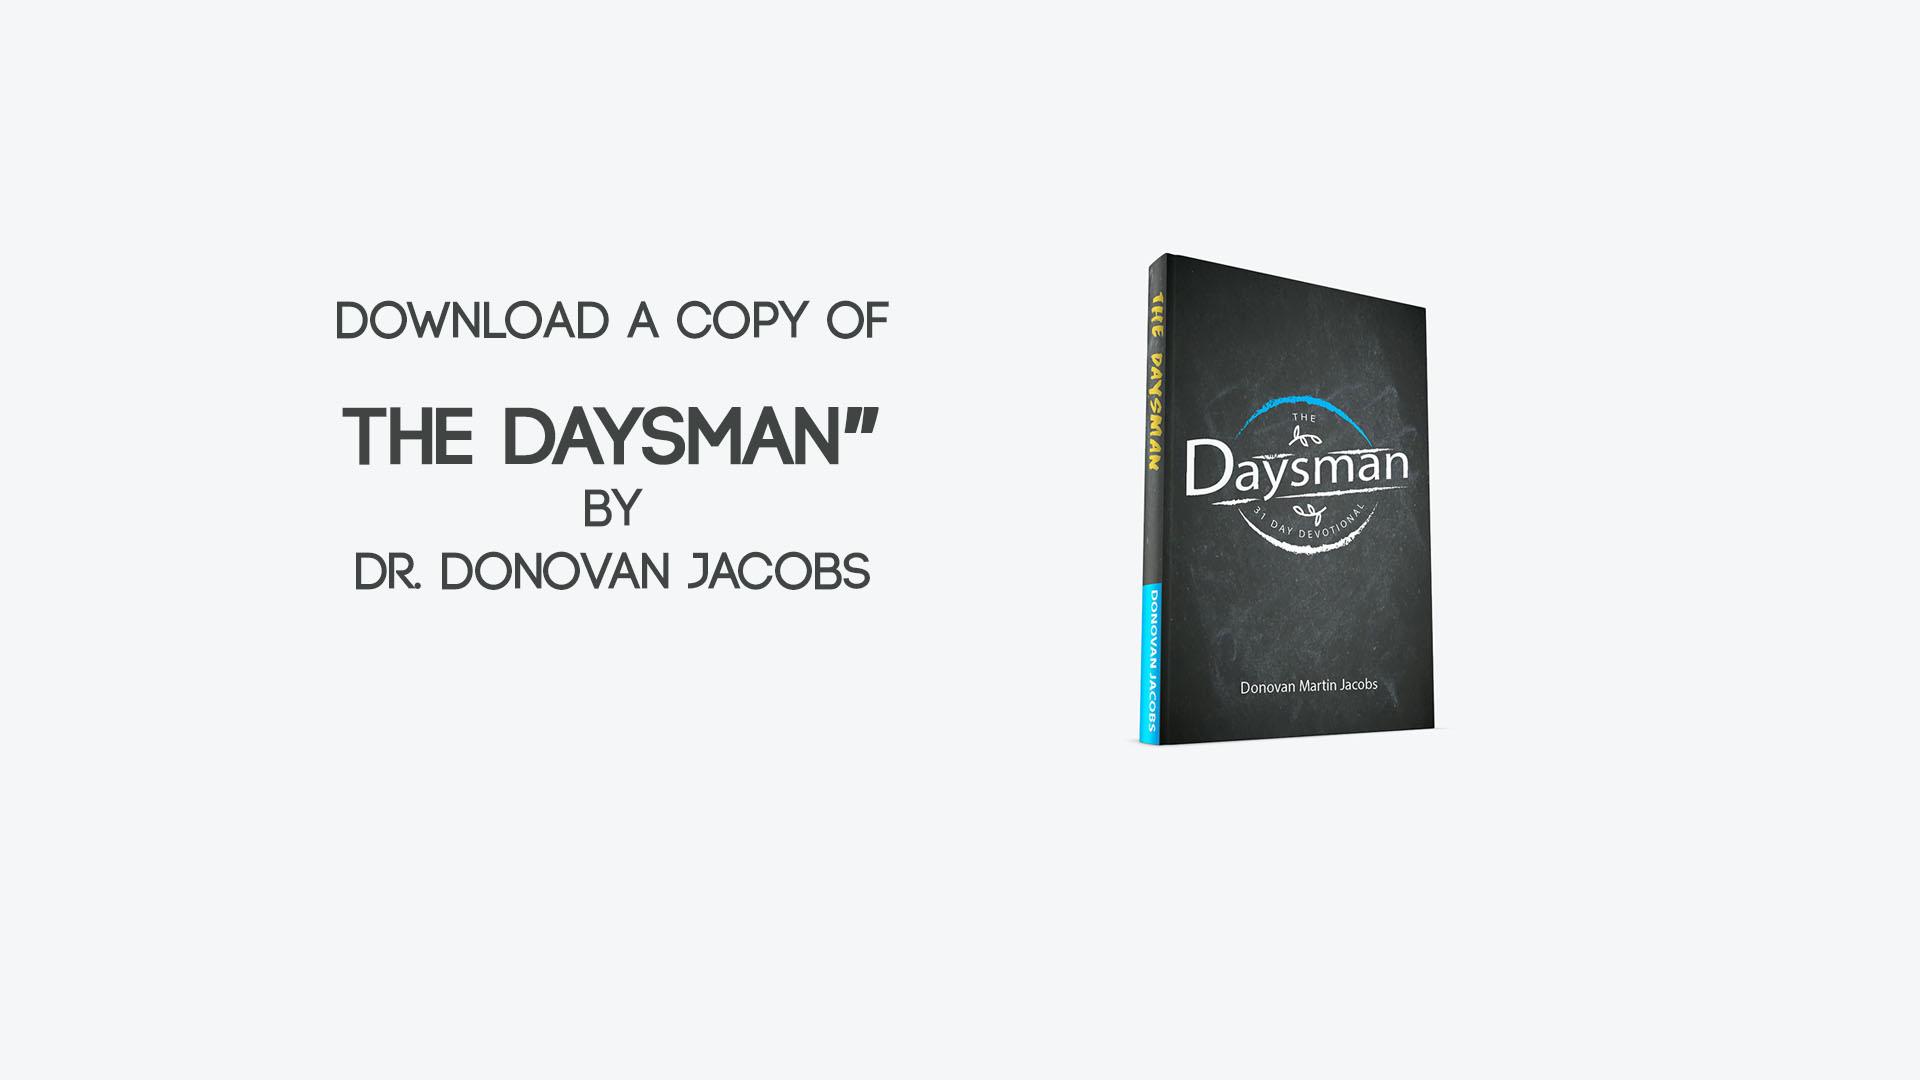 fp_book_daysman_slider_3